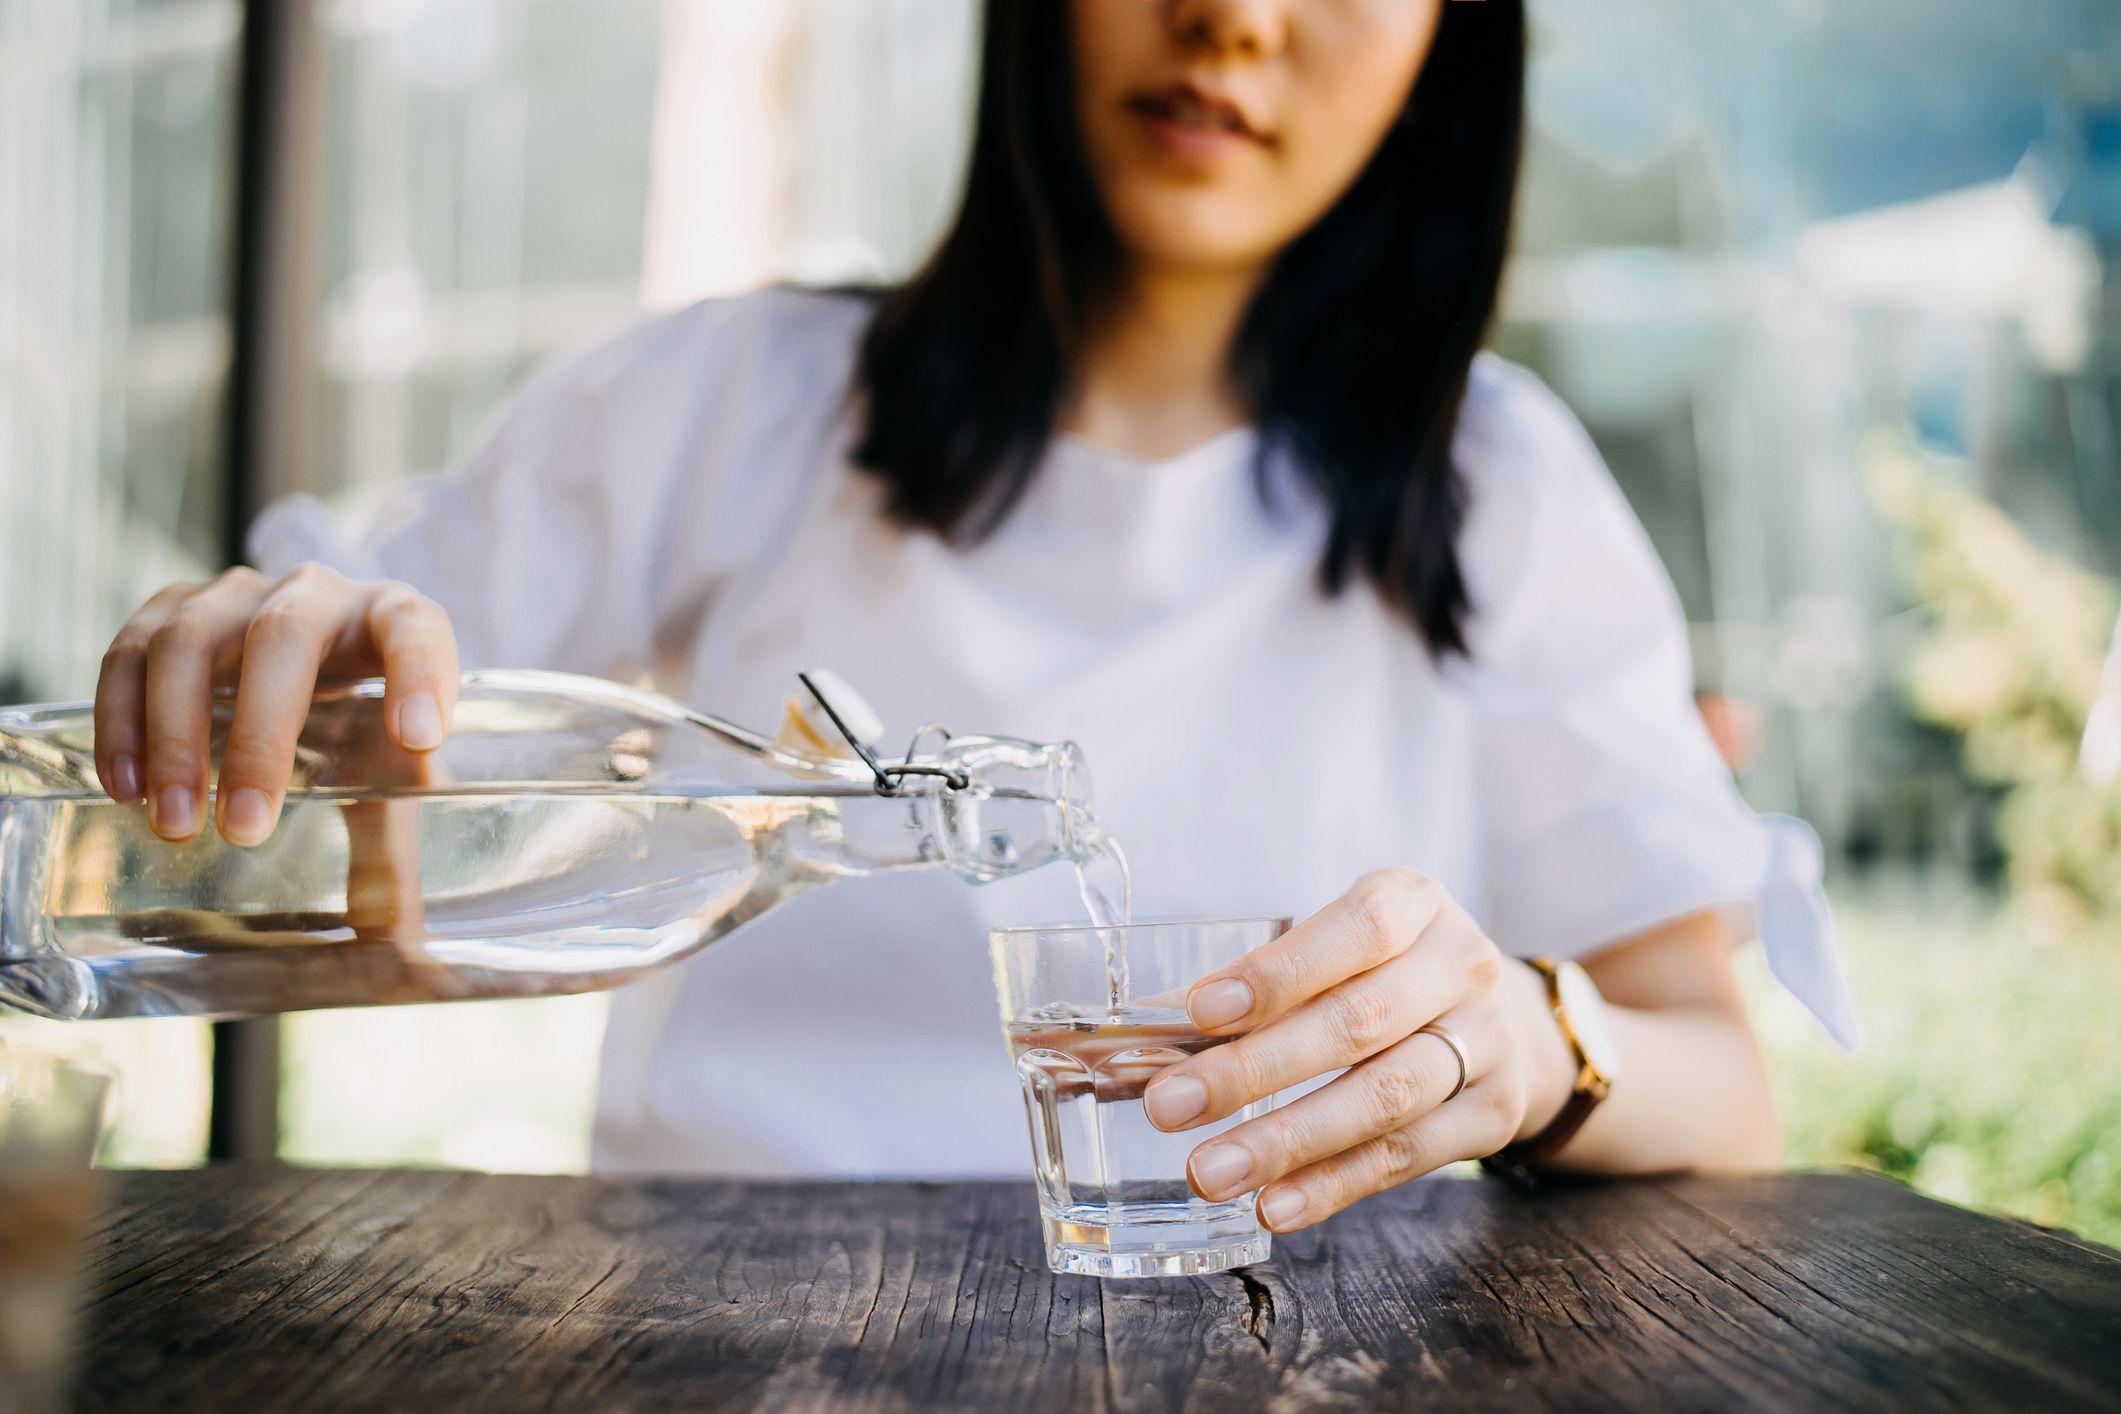 Thay vì nước có gas, chuyển sang uống 4 loại nước này vào bữa ăn sẽ giúp bạn gầy đi nhanh chóng - Ảnh 3.